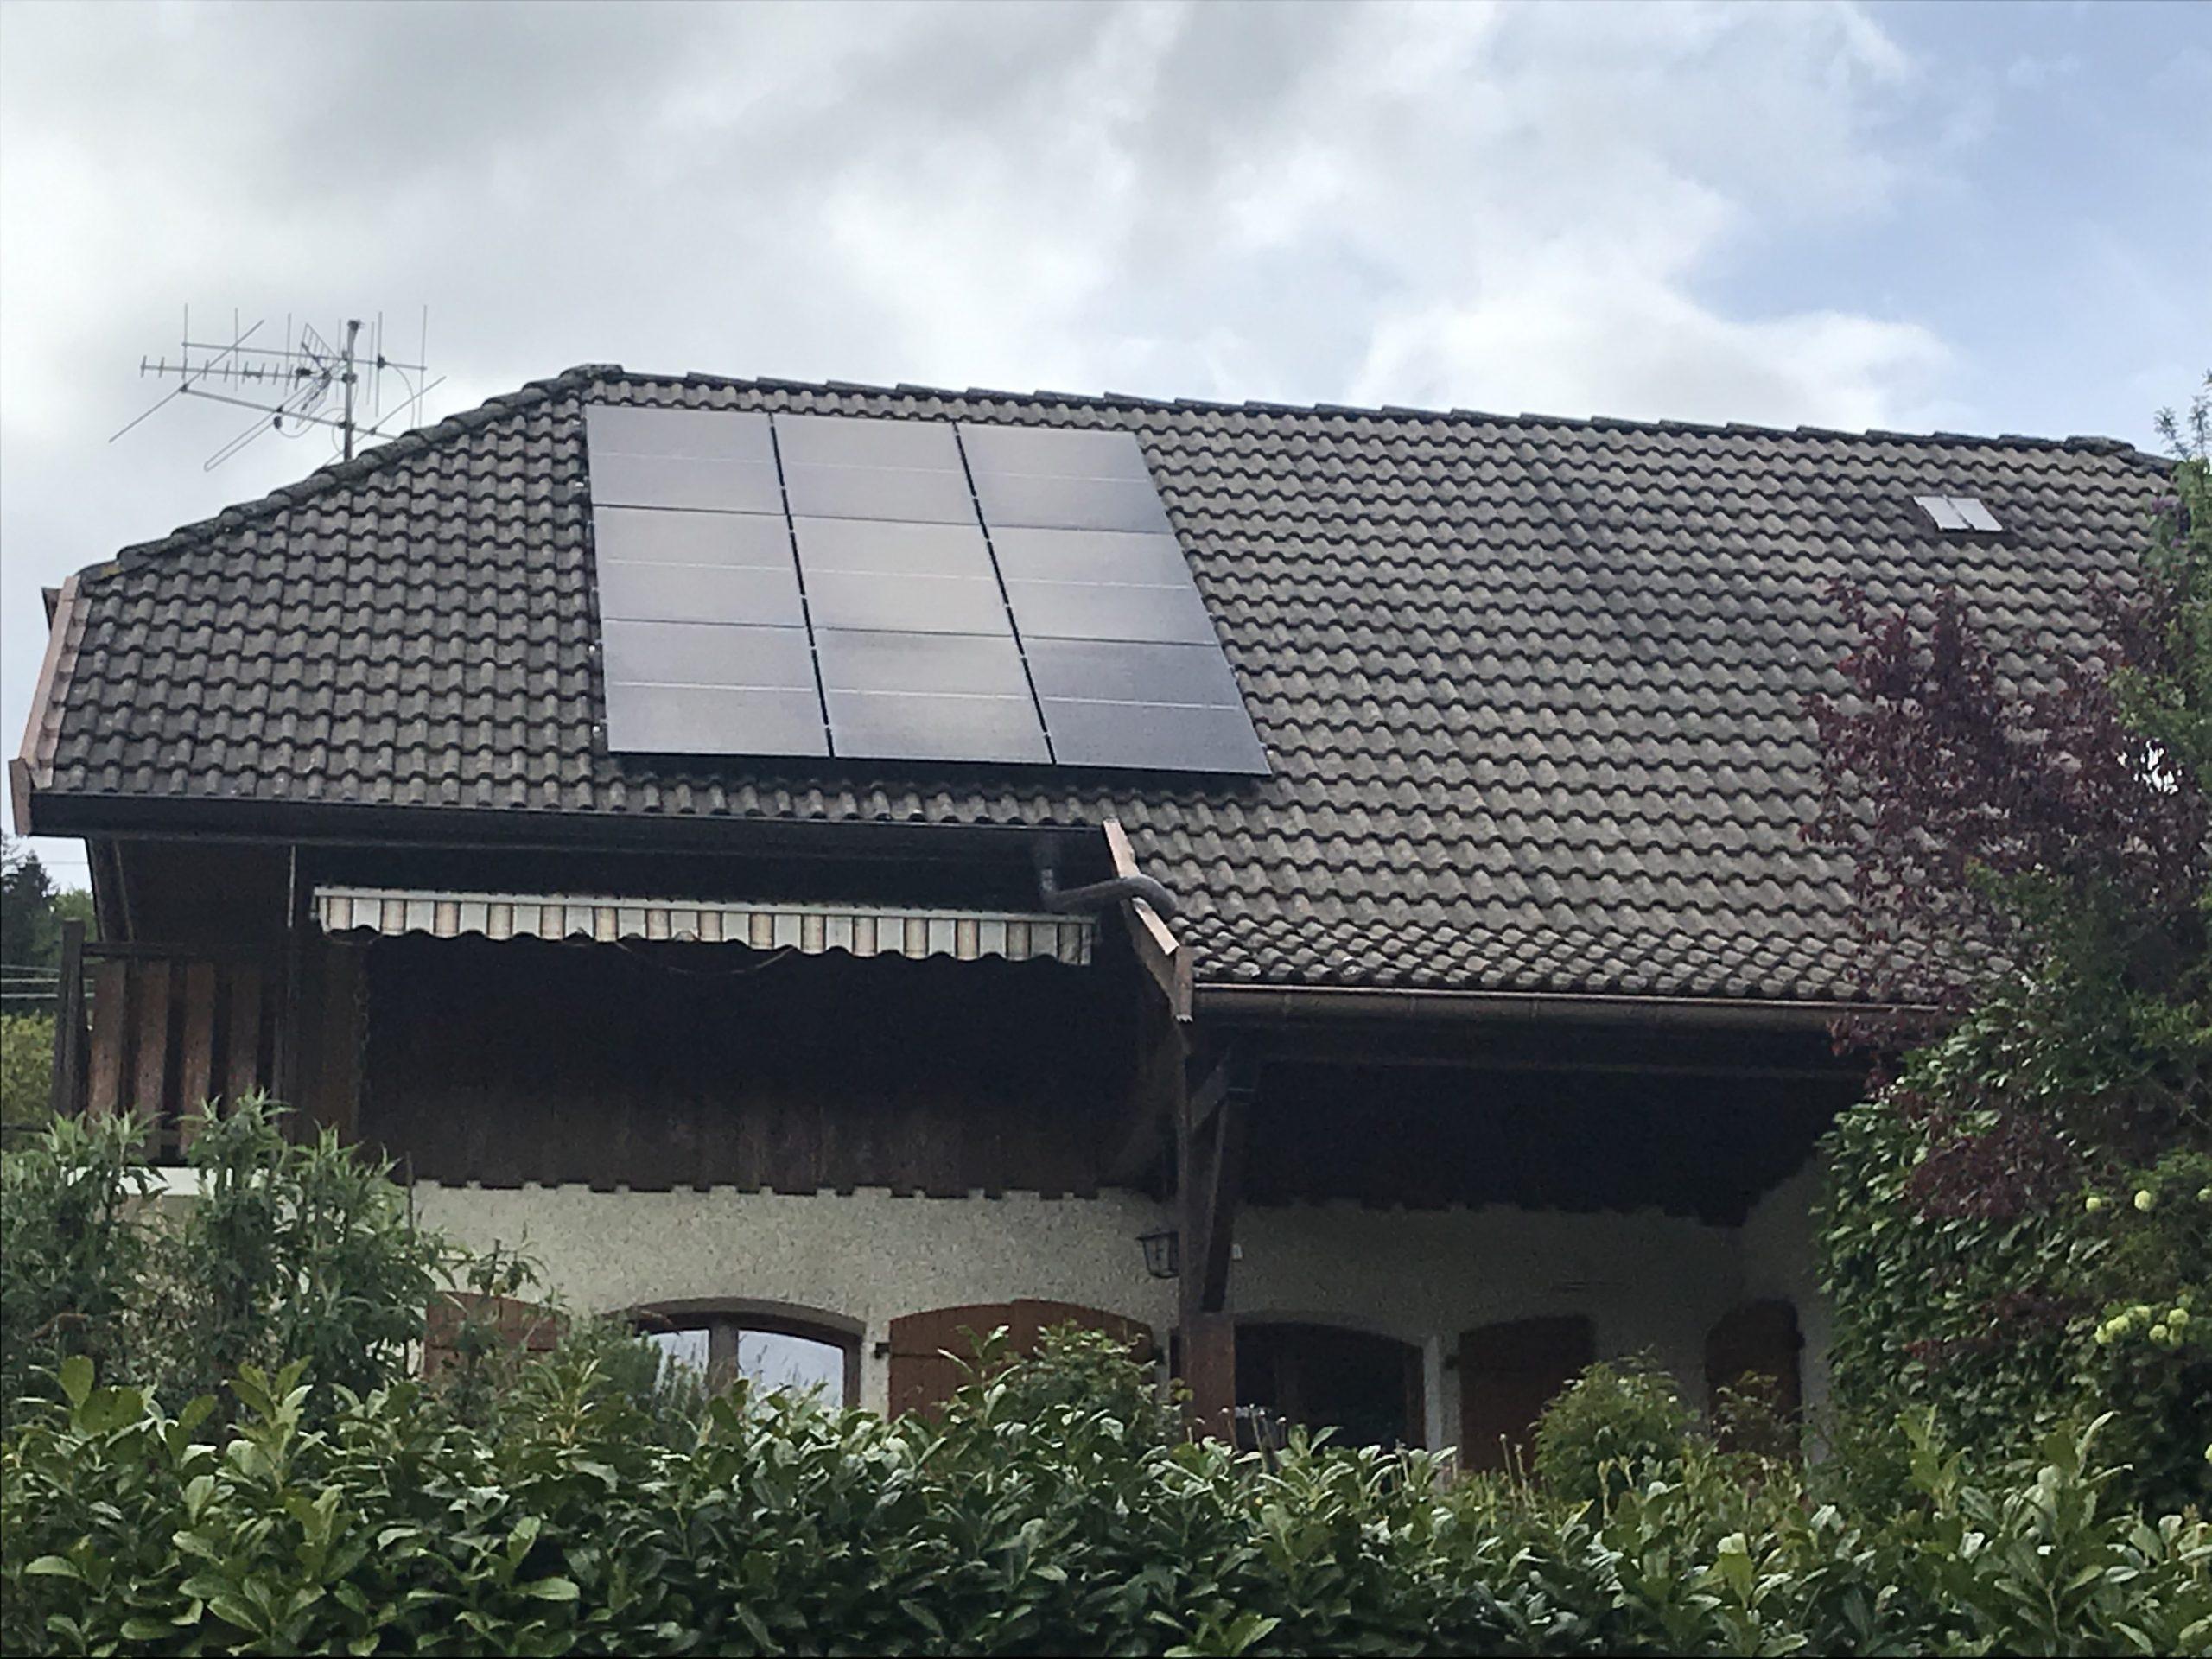 energies services france haute savoie argonay installation solaire panneaux photovoltaiques autoconsommation